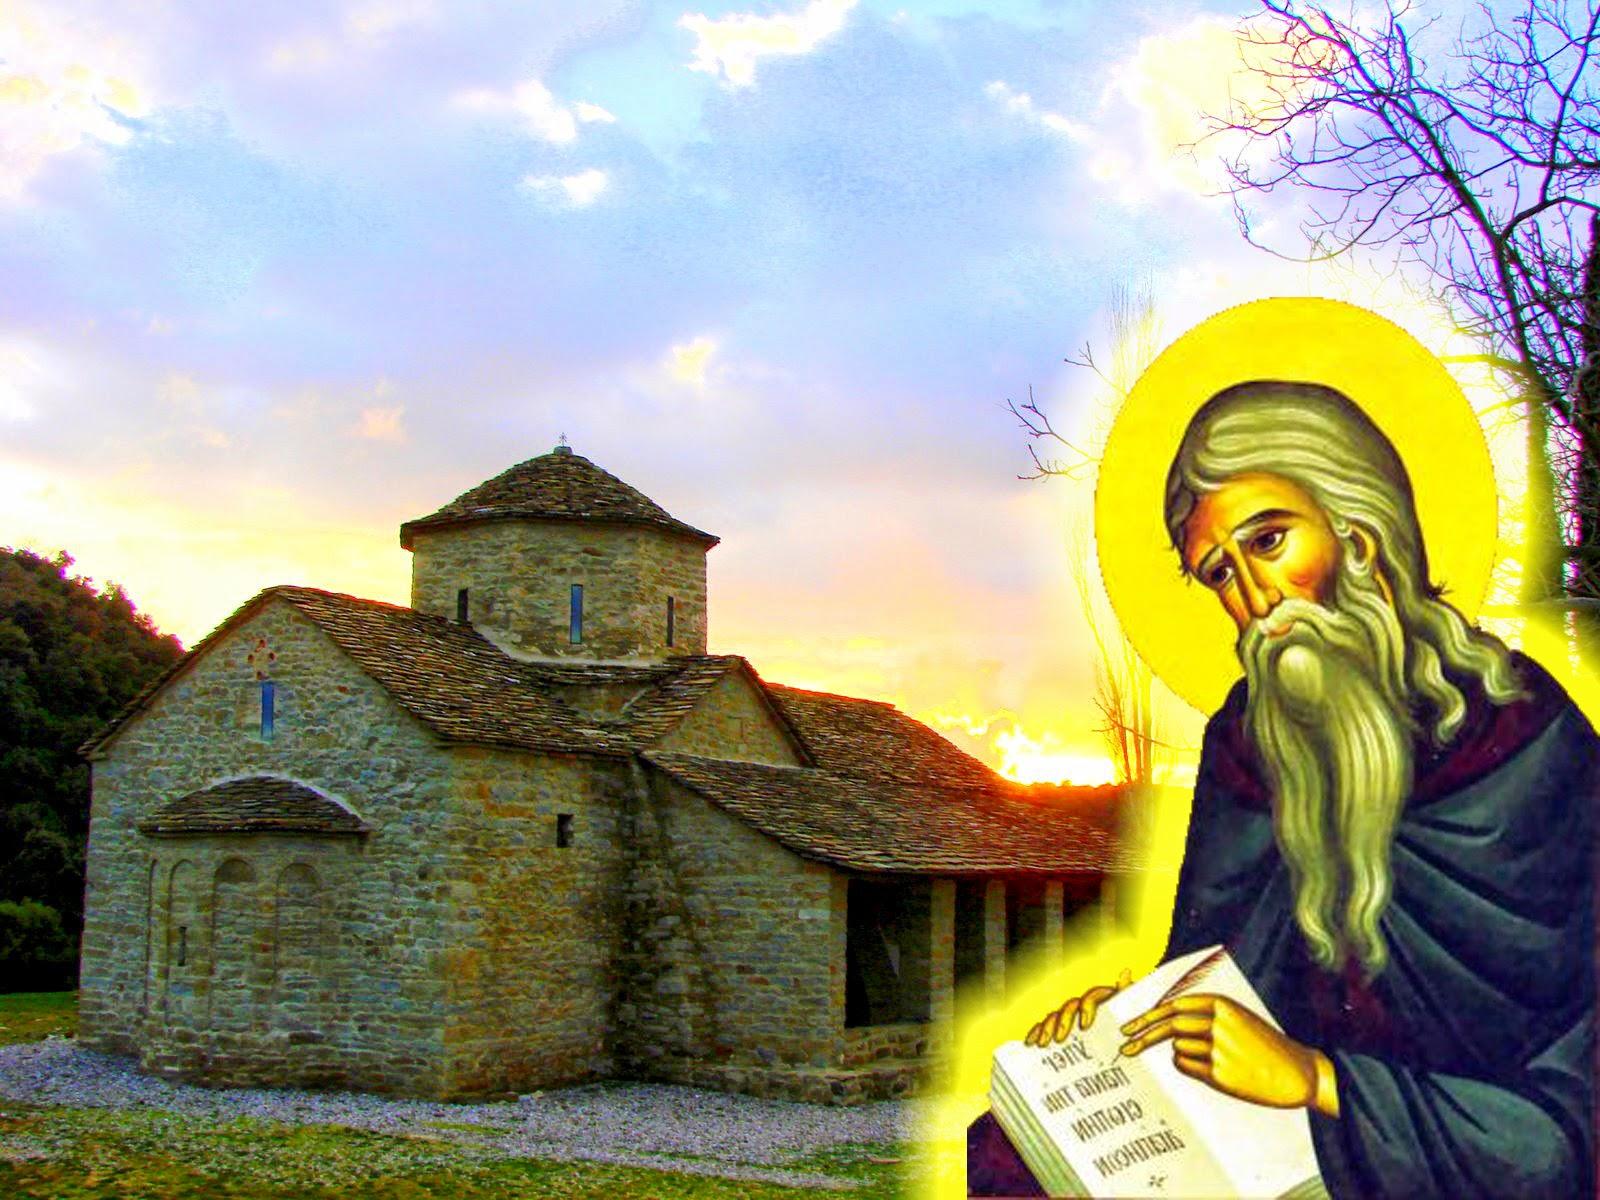 Ἁγίου Ἰσαάκ τοῦ Σύρου, περί Ἀρετῆς καί περί πίστεως καί γνώσεως